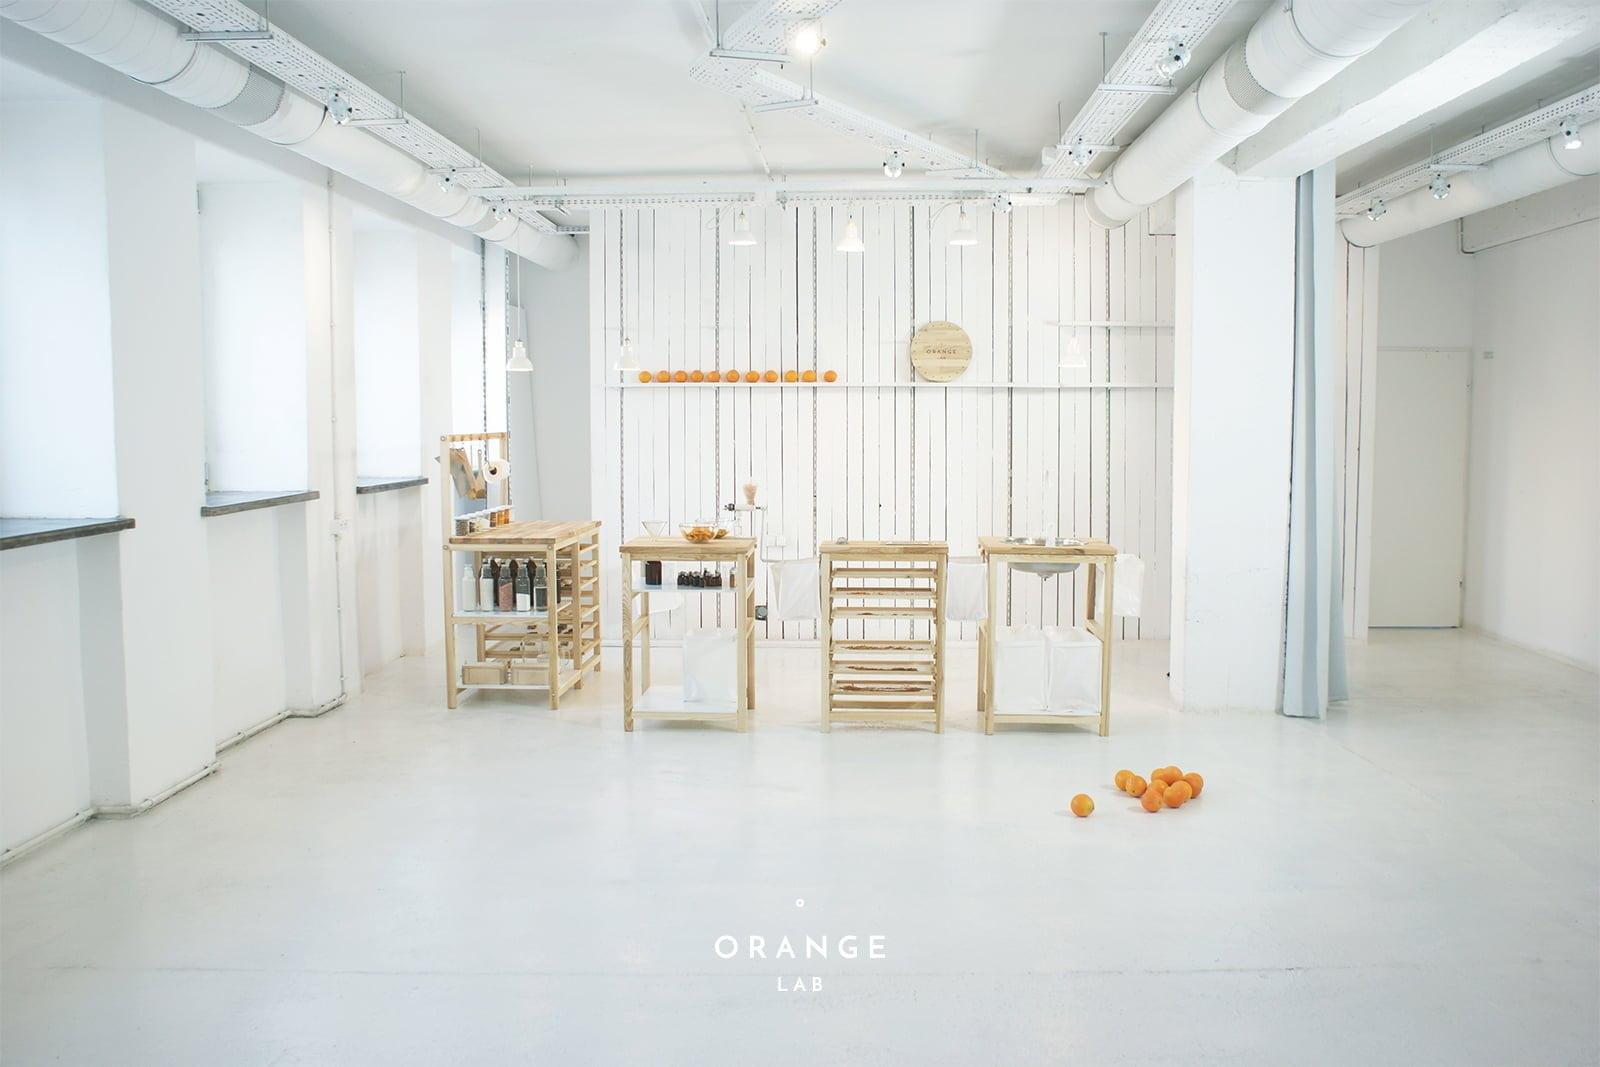 OrangeLAB_Dominika-Wysogląd